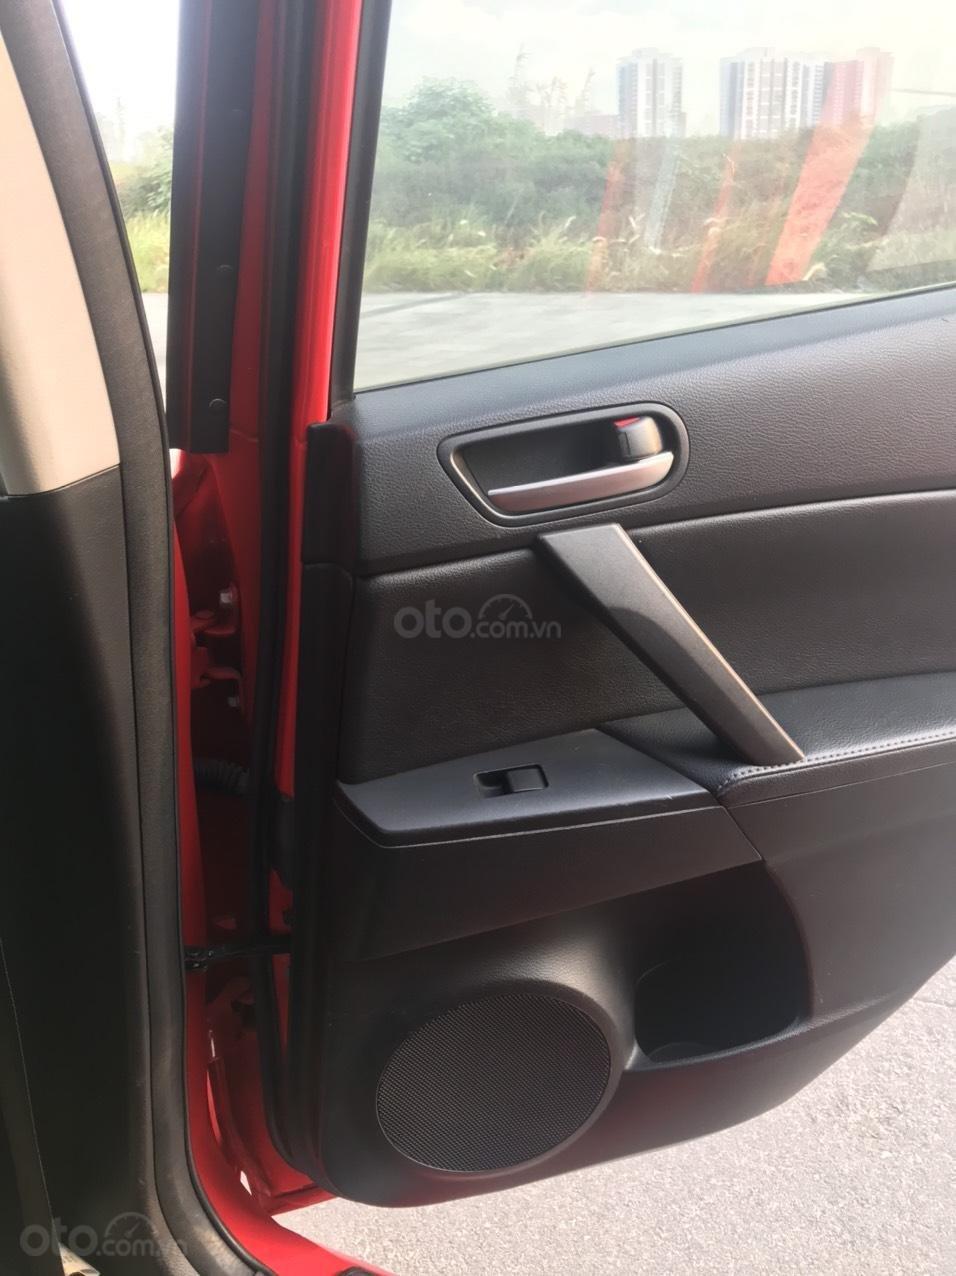 Cần bán Mazda 3 Hatchback 2010 màu đỏ chính chủ (6)